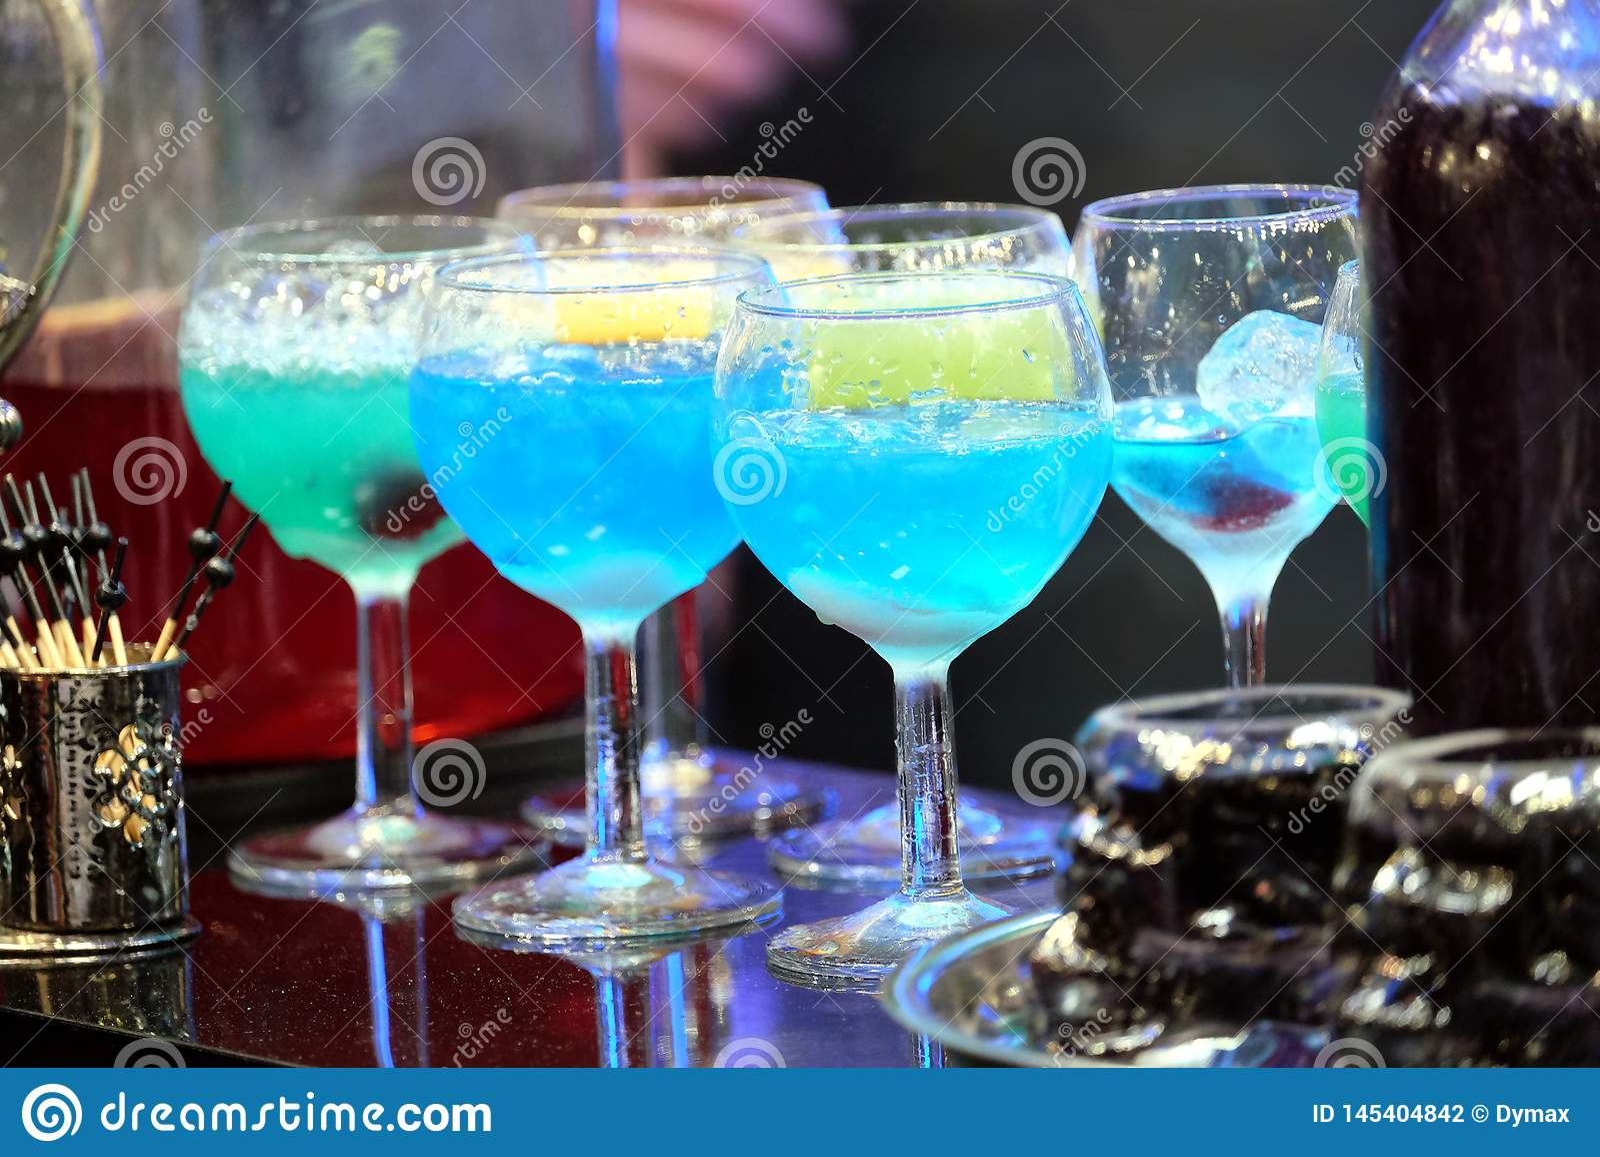 коктейли для ночного клуба